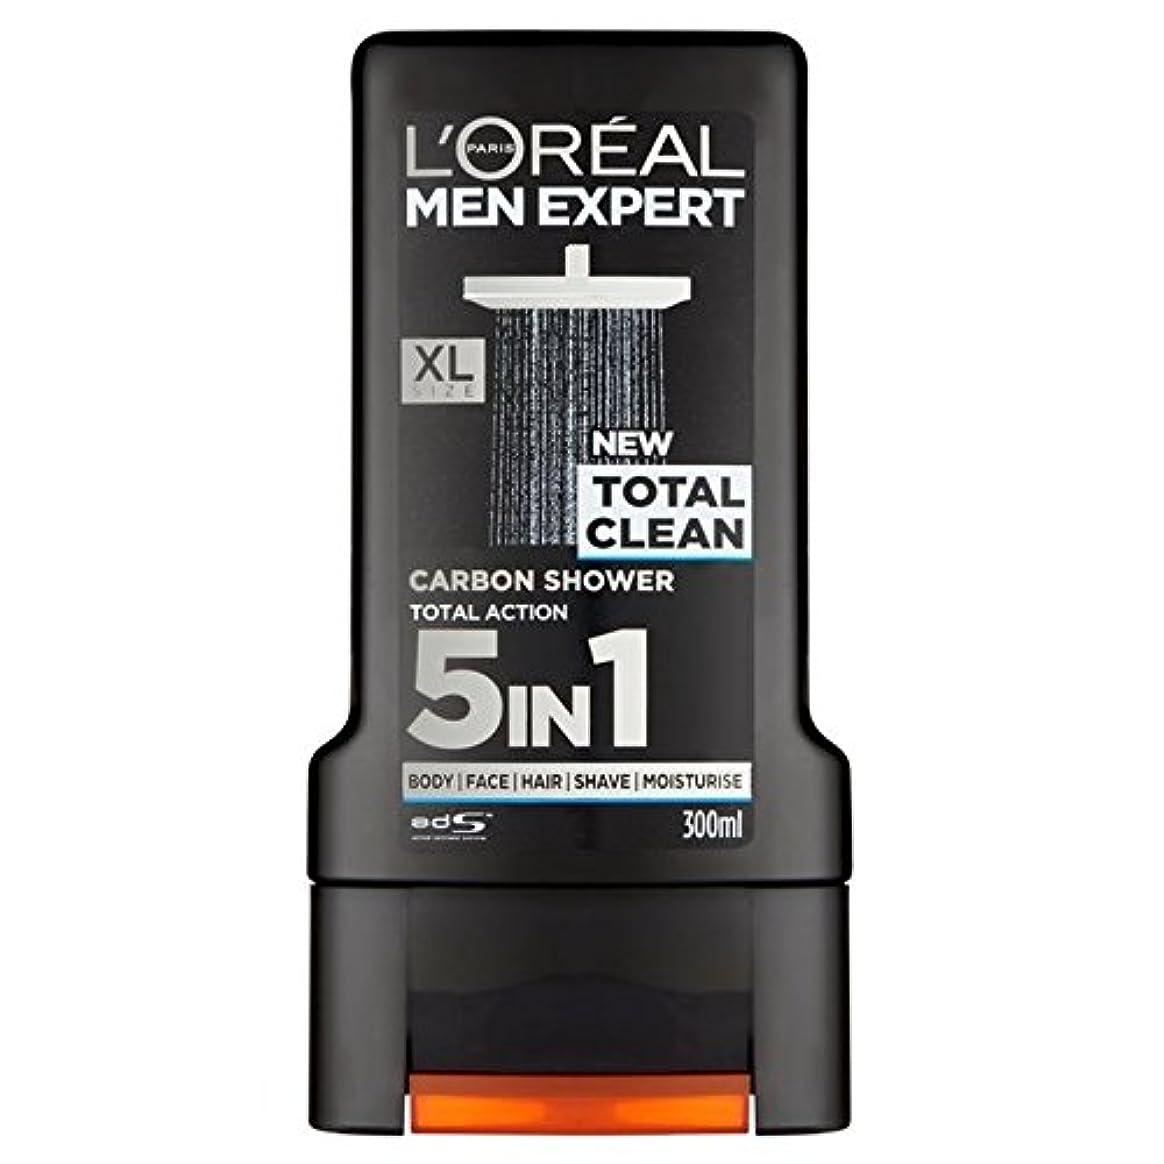 を必要としていますタイプ接ぎ木ロレアルパリのメンズ専門トータルクリーンシャワージェル300ミリリットル x4 - L'Oreal Paris Men Expert Total Clean Shower Gel 300ml (Pack of 4) [並行輸入品]